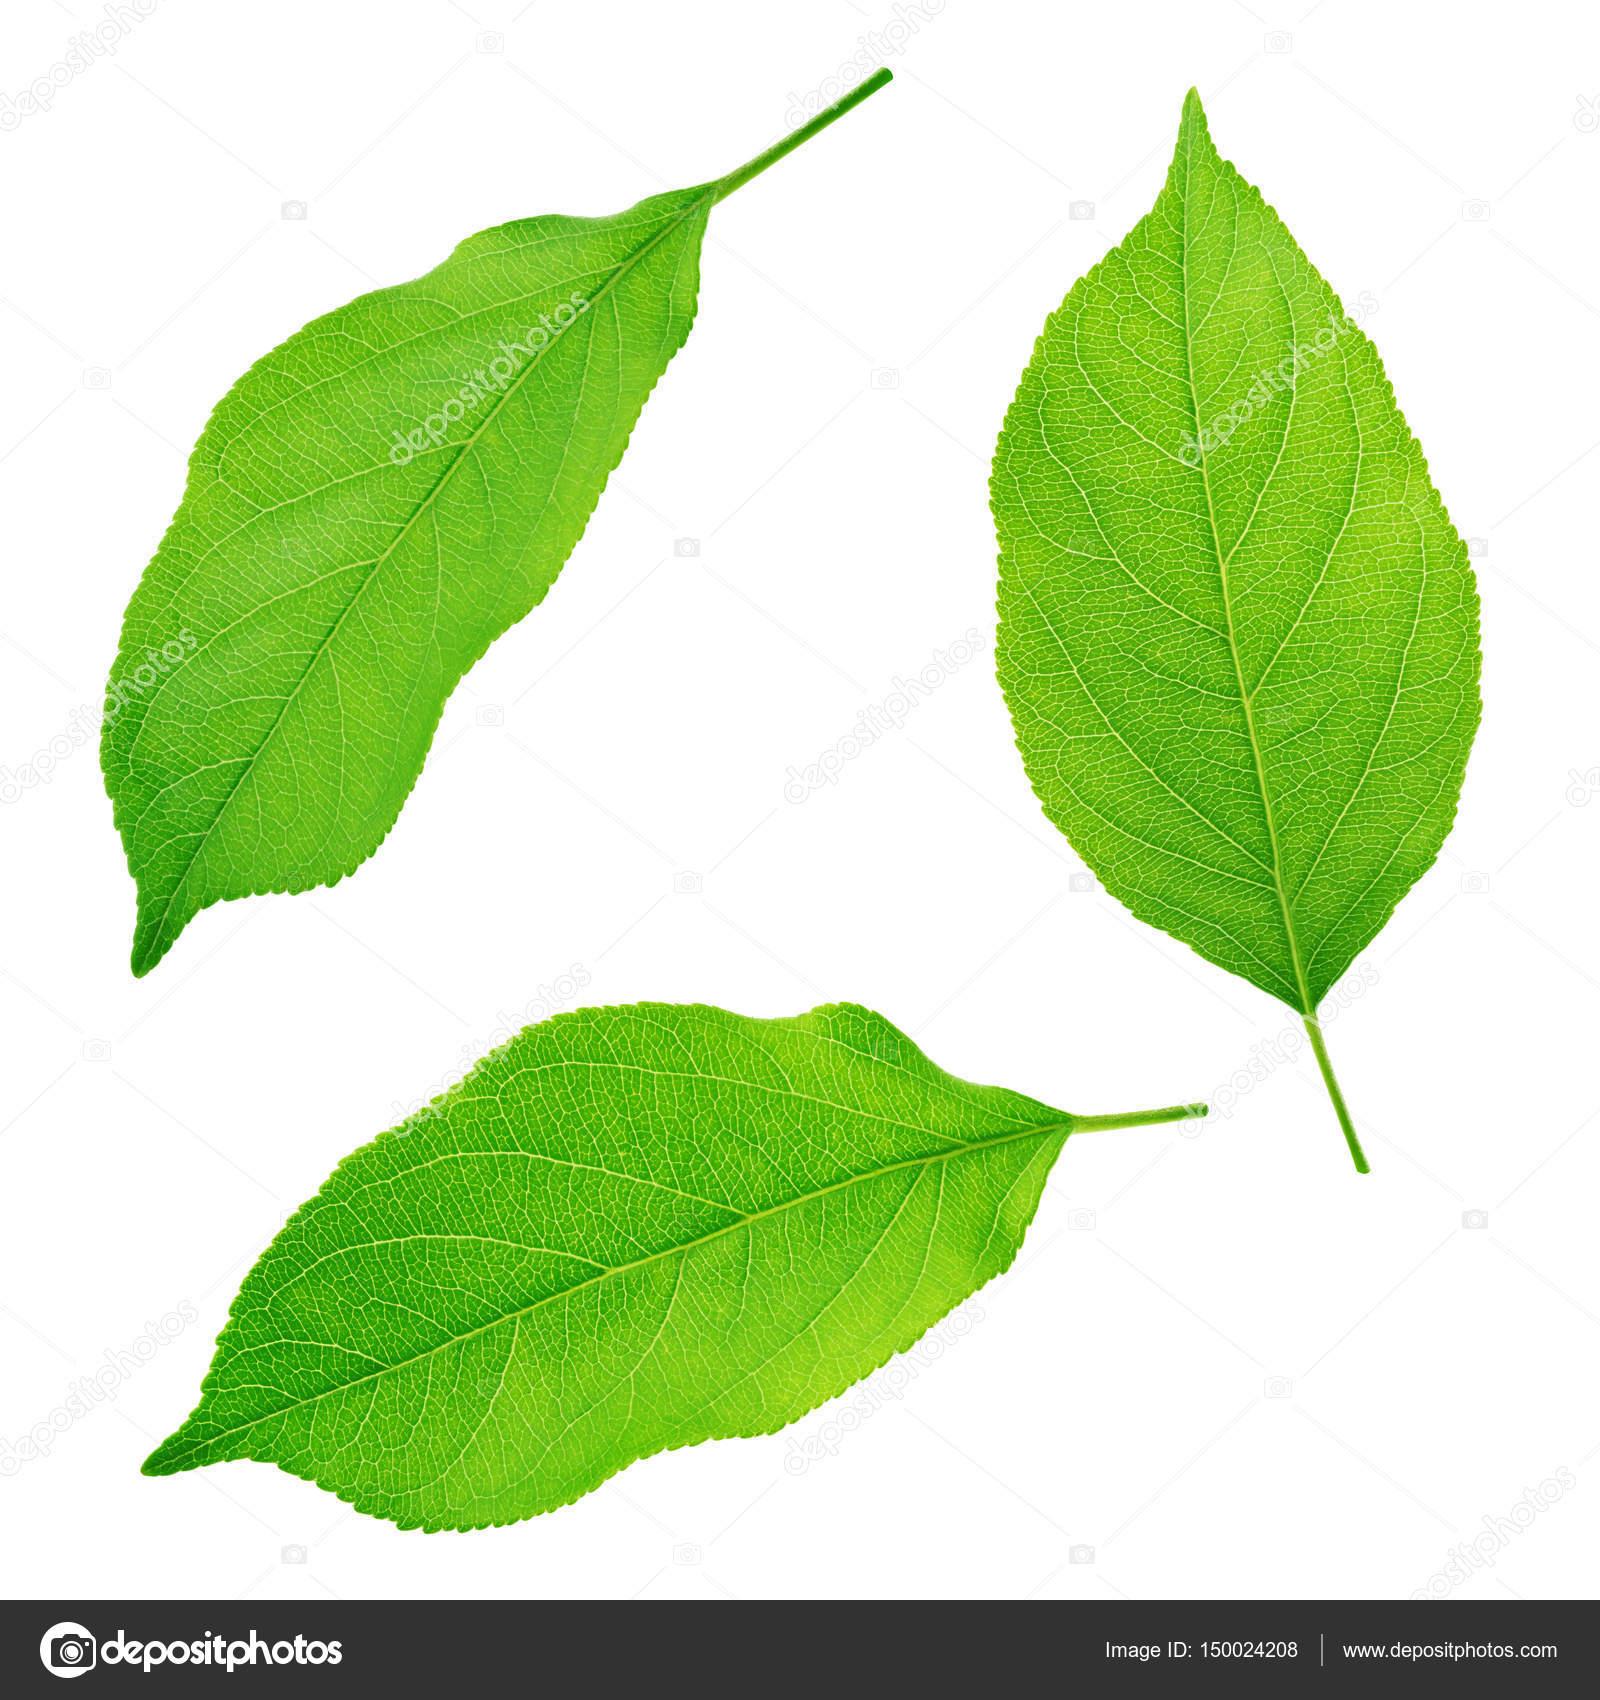 Satz Apfelbaumblätter isoliert auf einem weißen